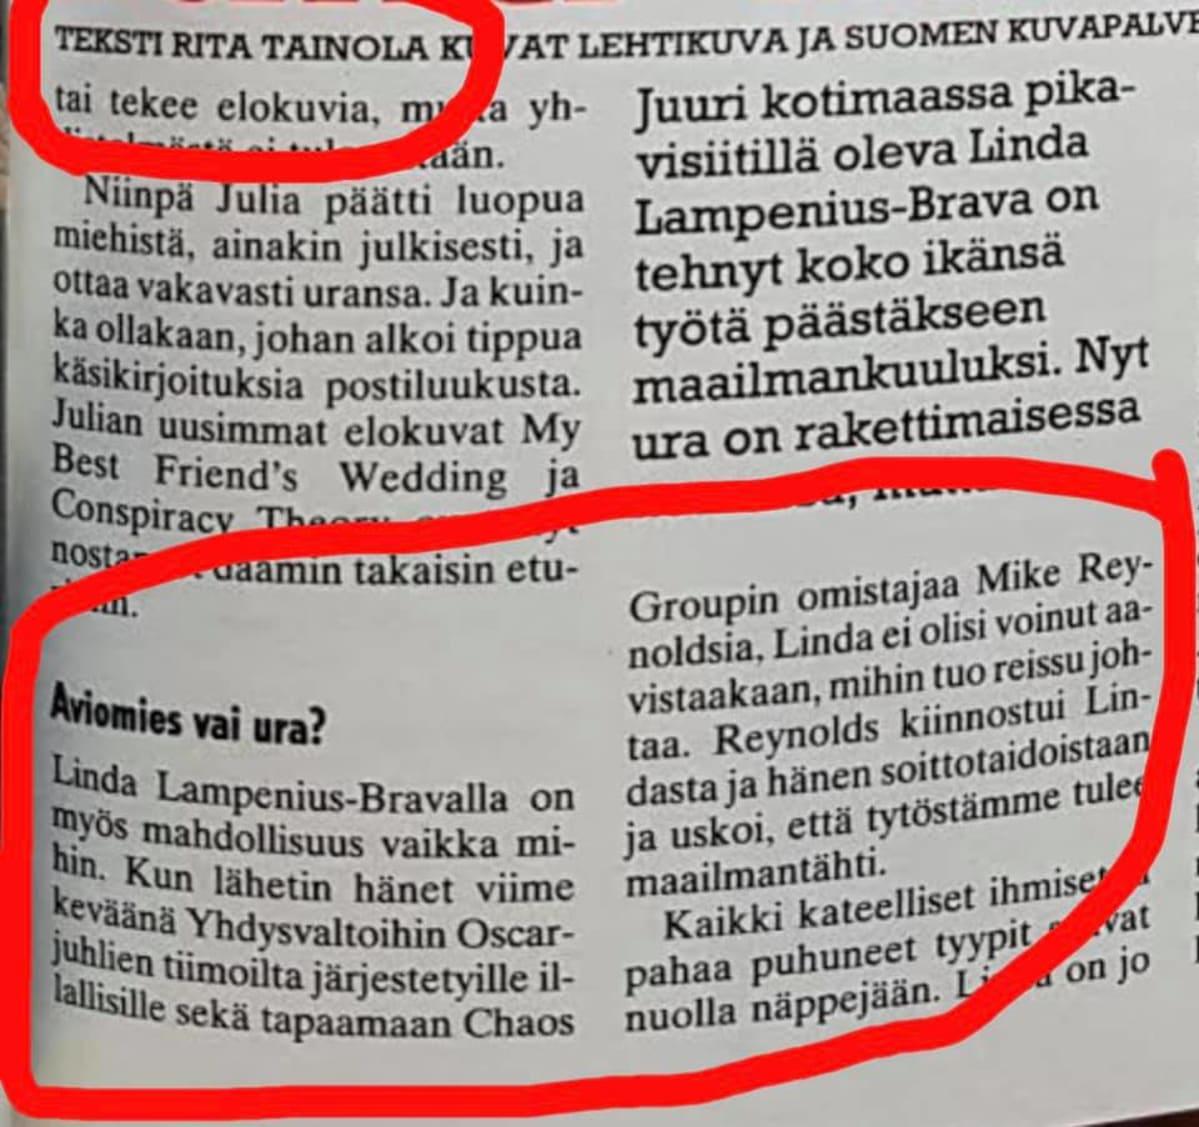 Kuva Seura-lehden artikkelista Linda Lampeniuksen Facebook-sivuilta.